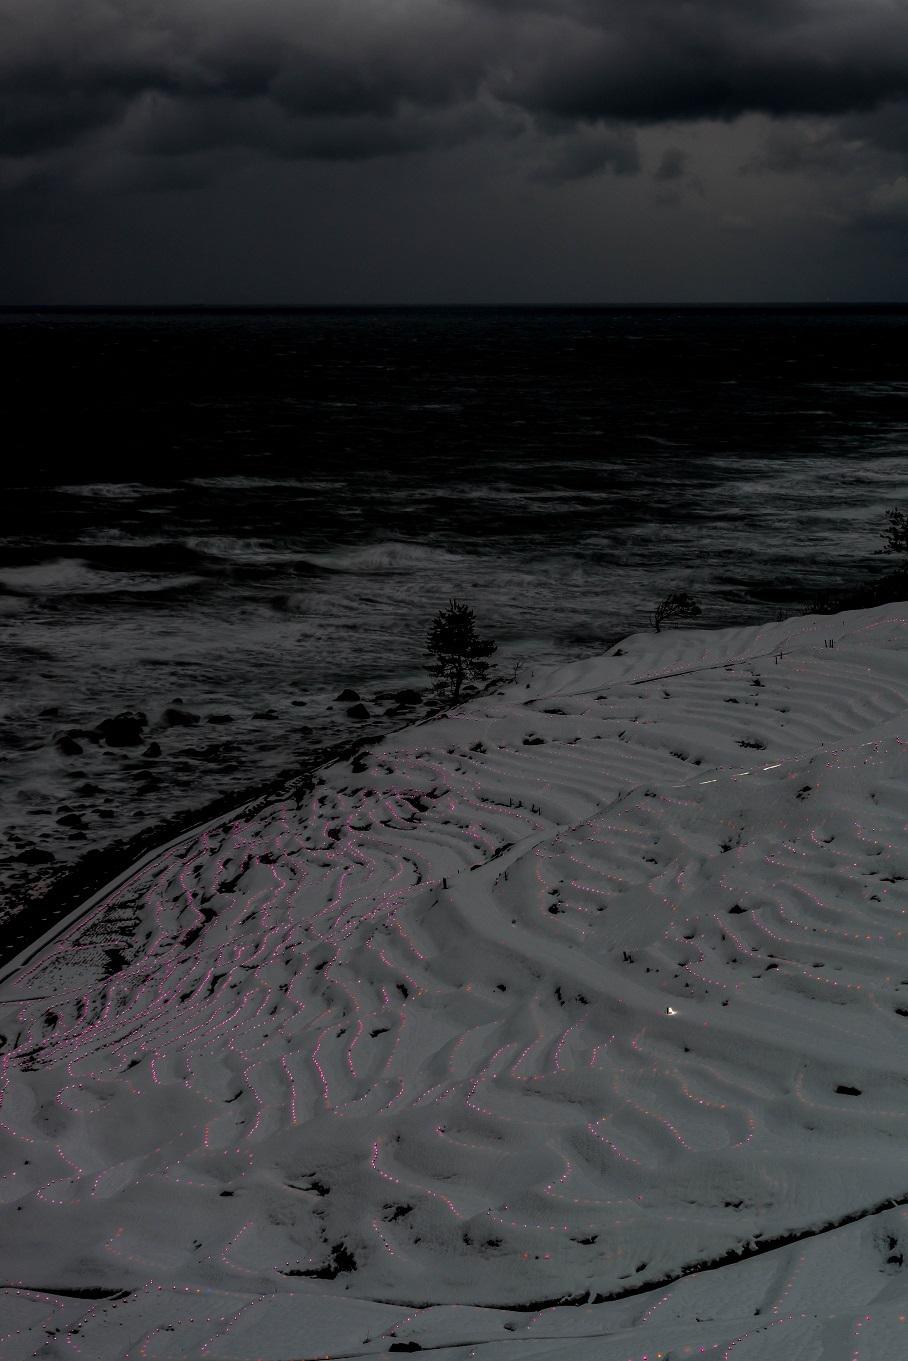 2018.01.13 雪の千枚田のイルミネーション 1